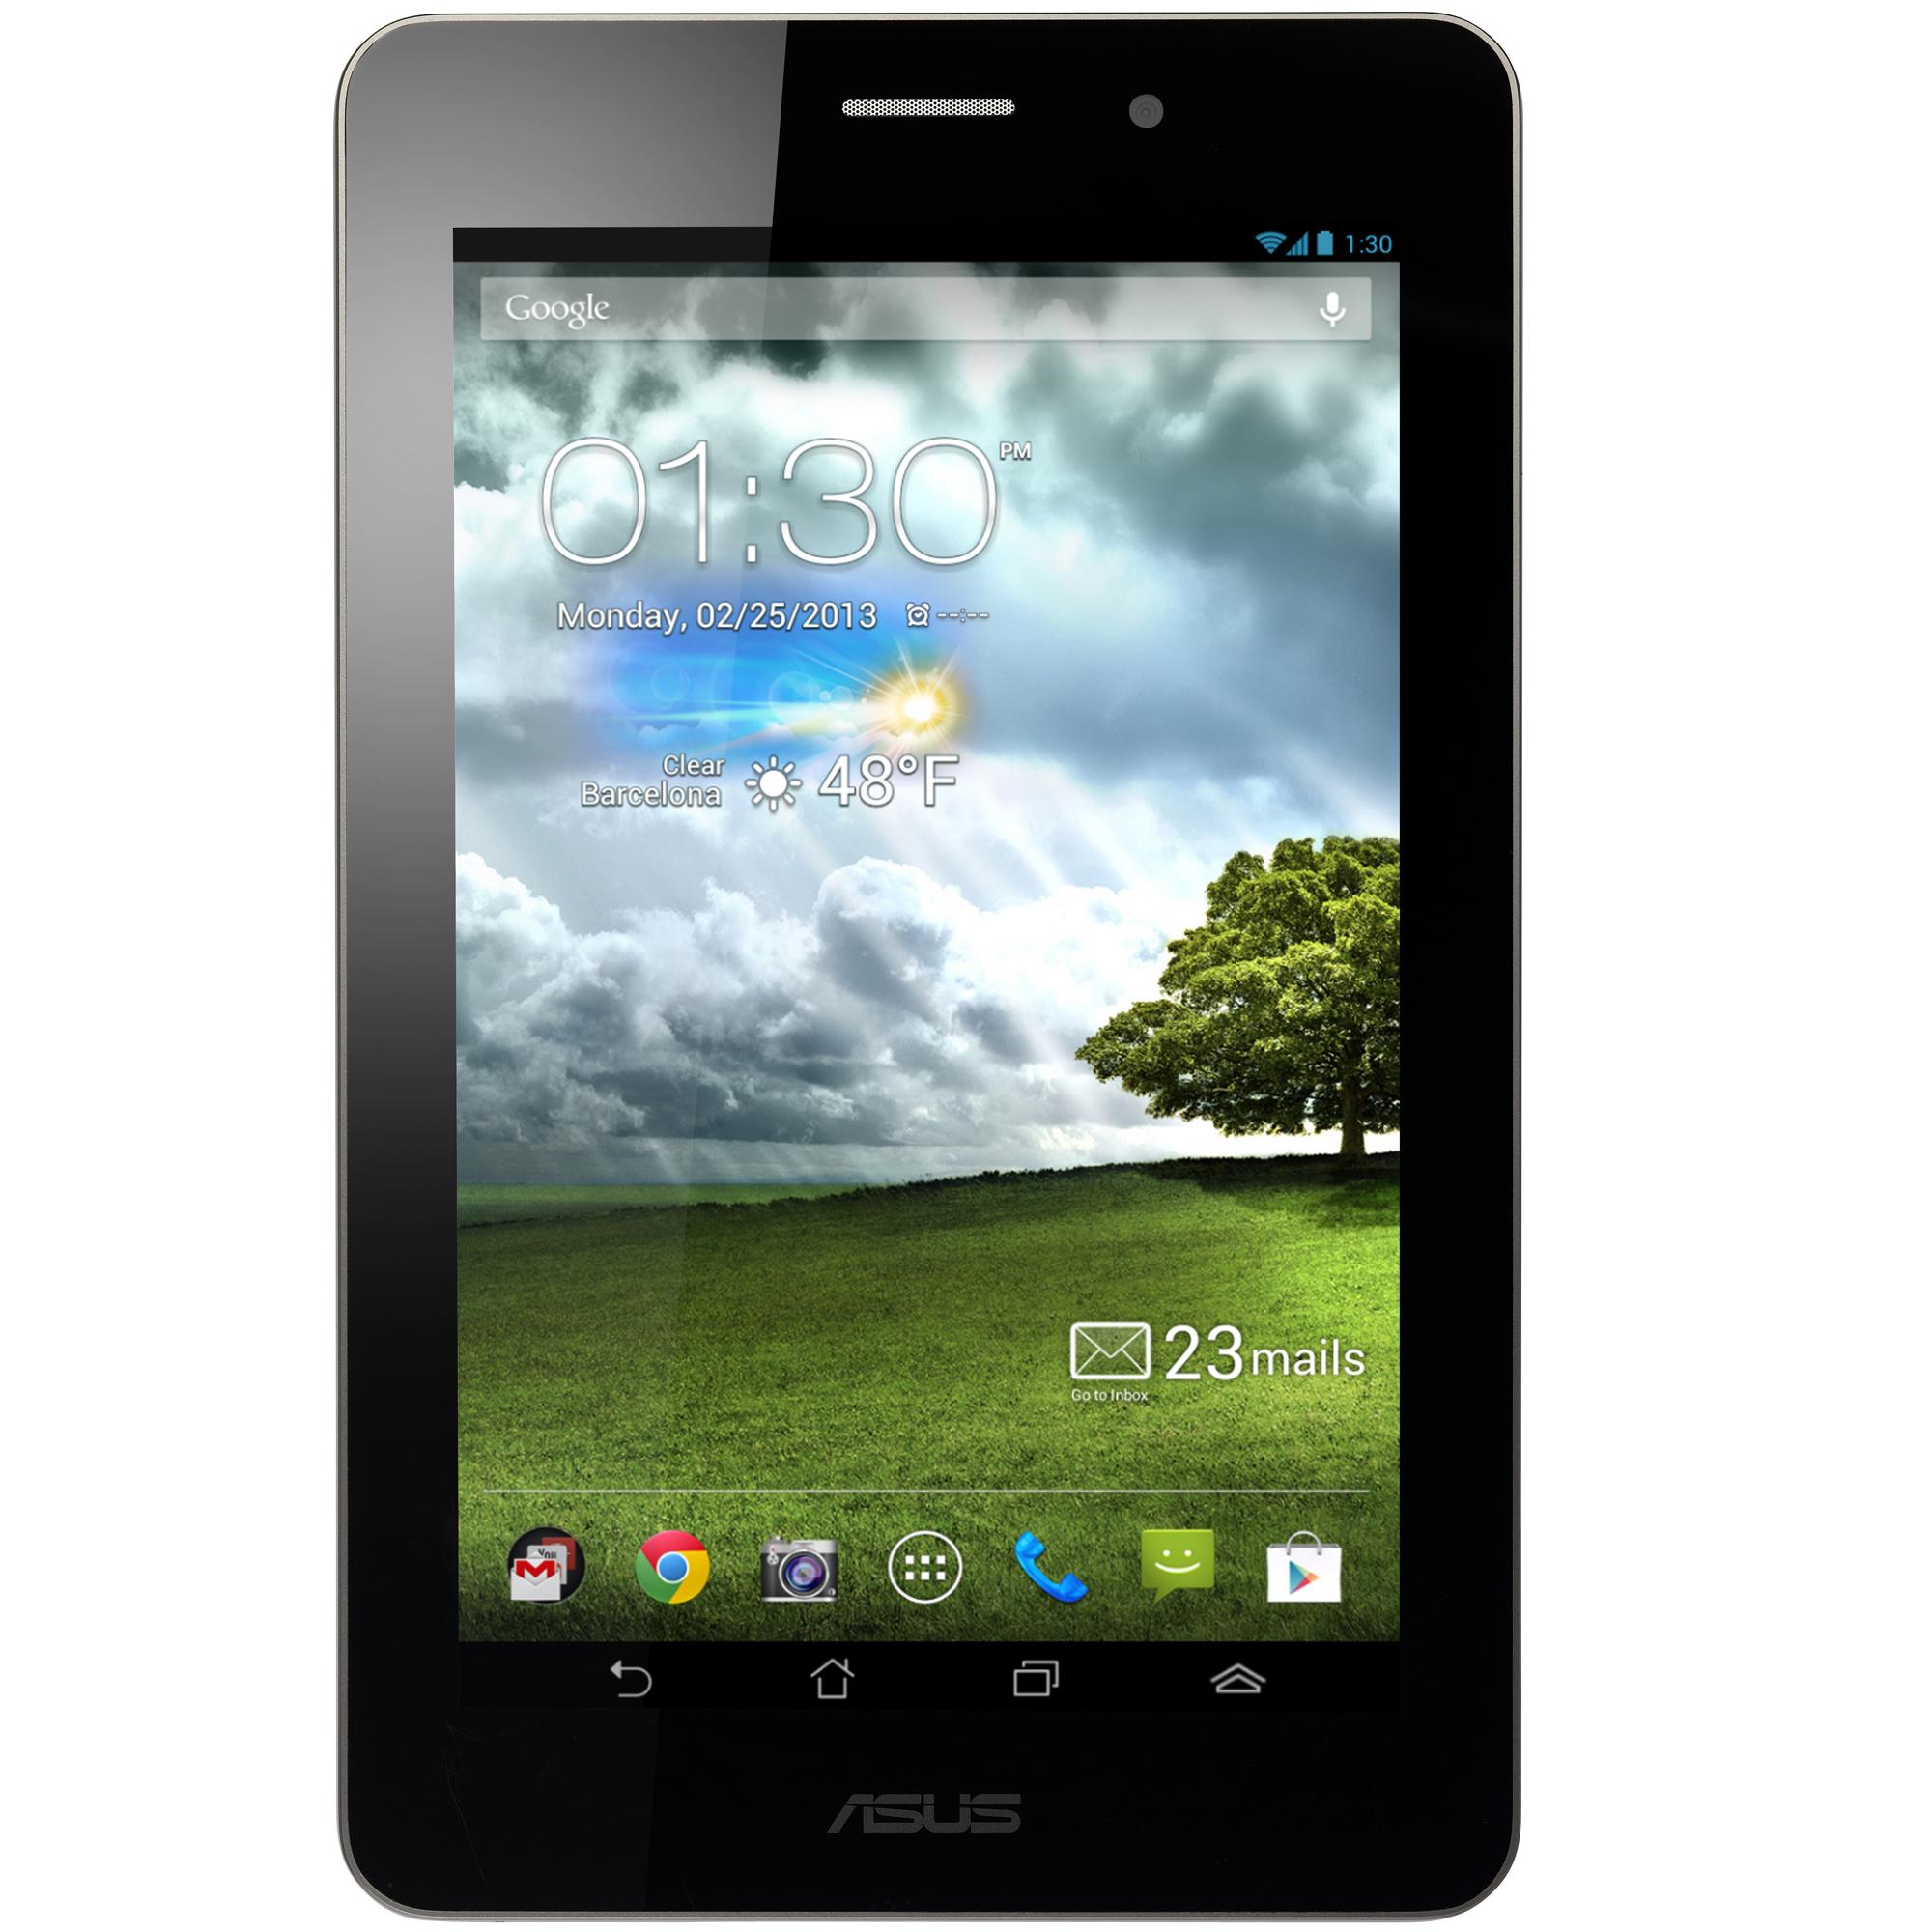 NOU!!!De la ASUS, o tableta de exceptie-ME371MG-1I024A!